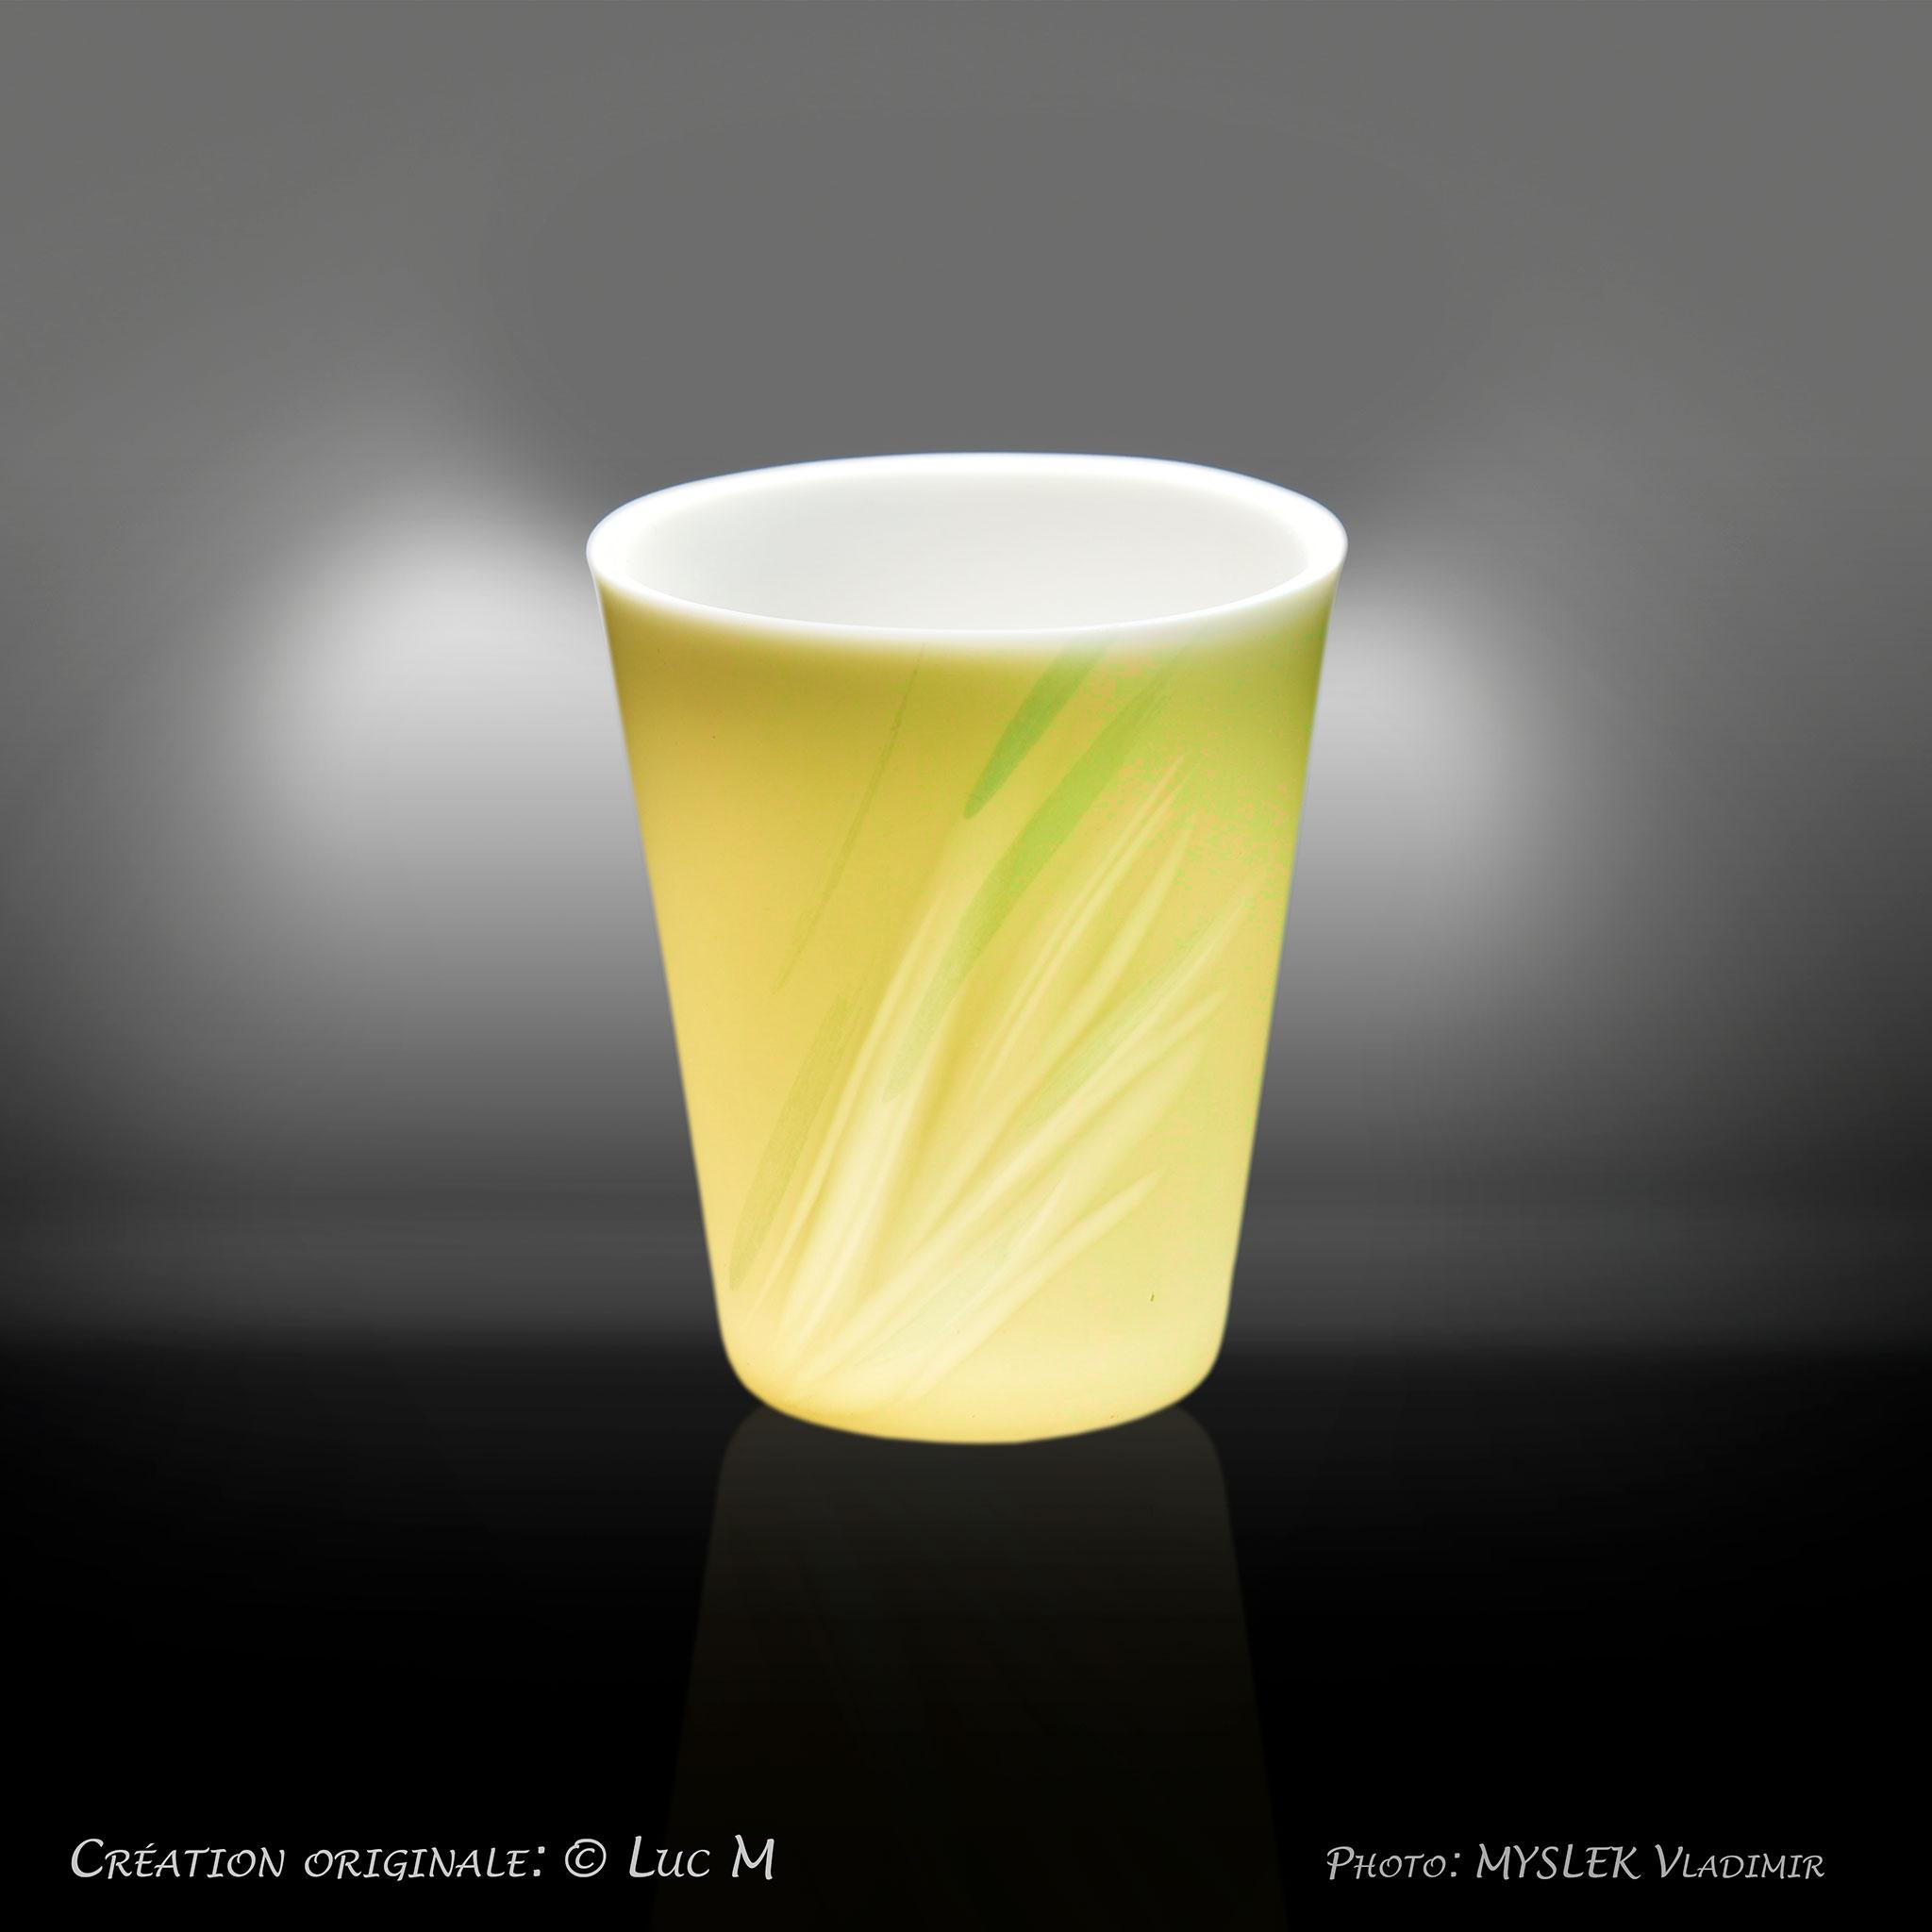 Godet porcelaine translucide - Luc M 3399j